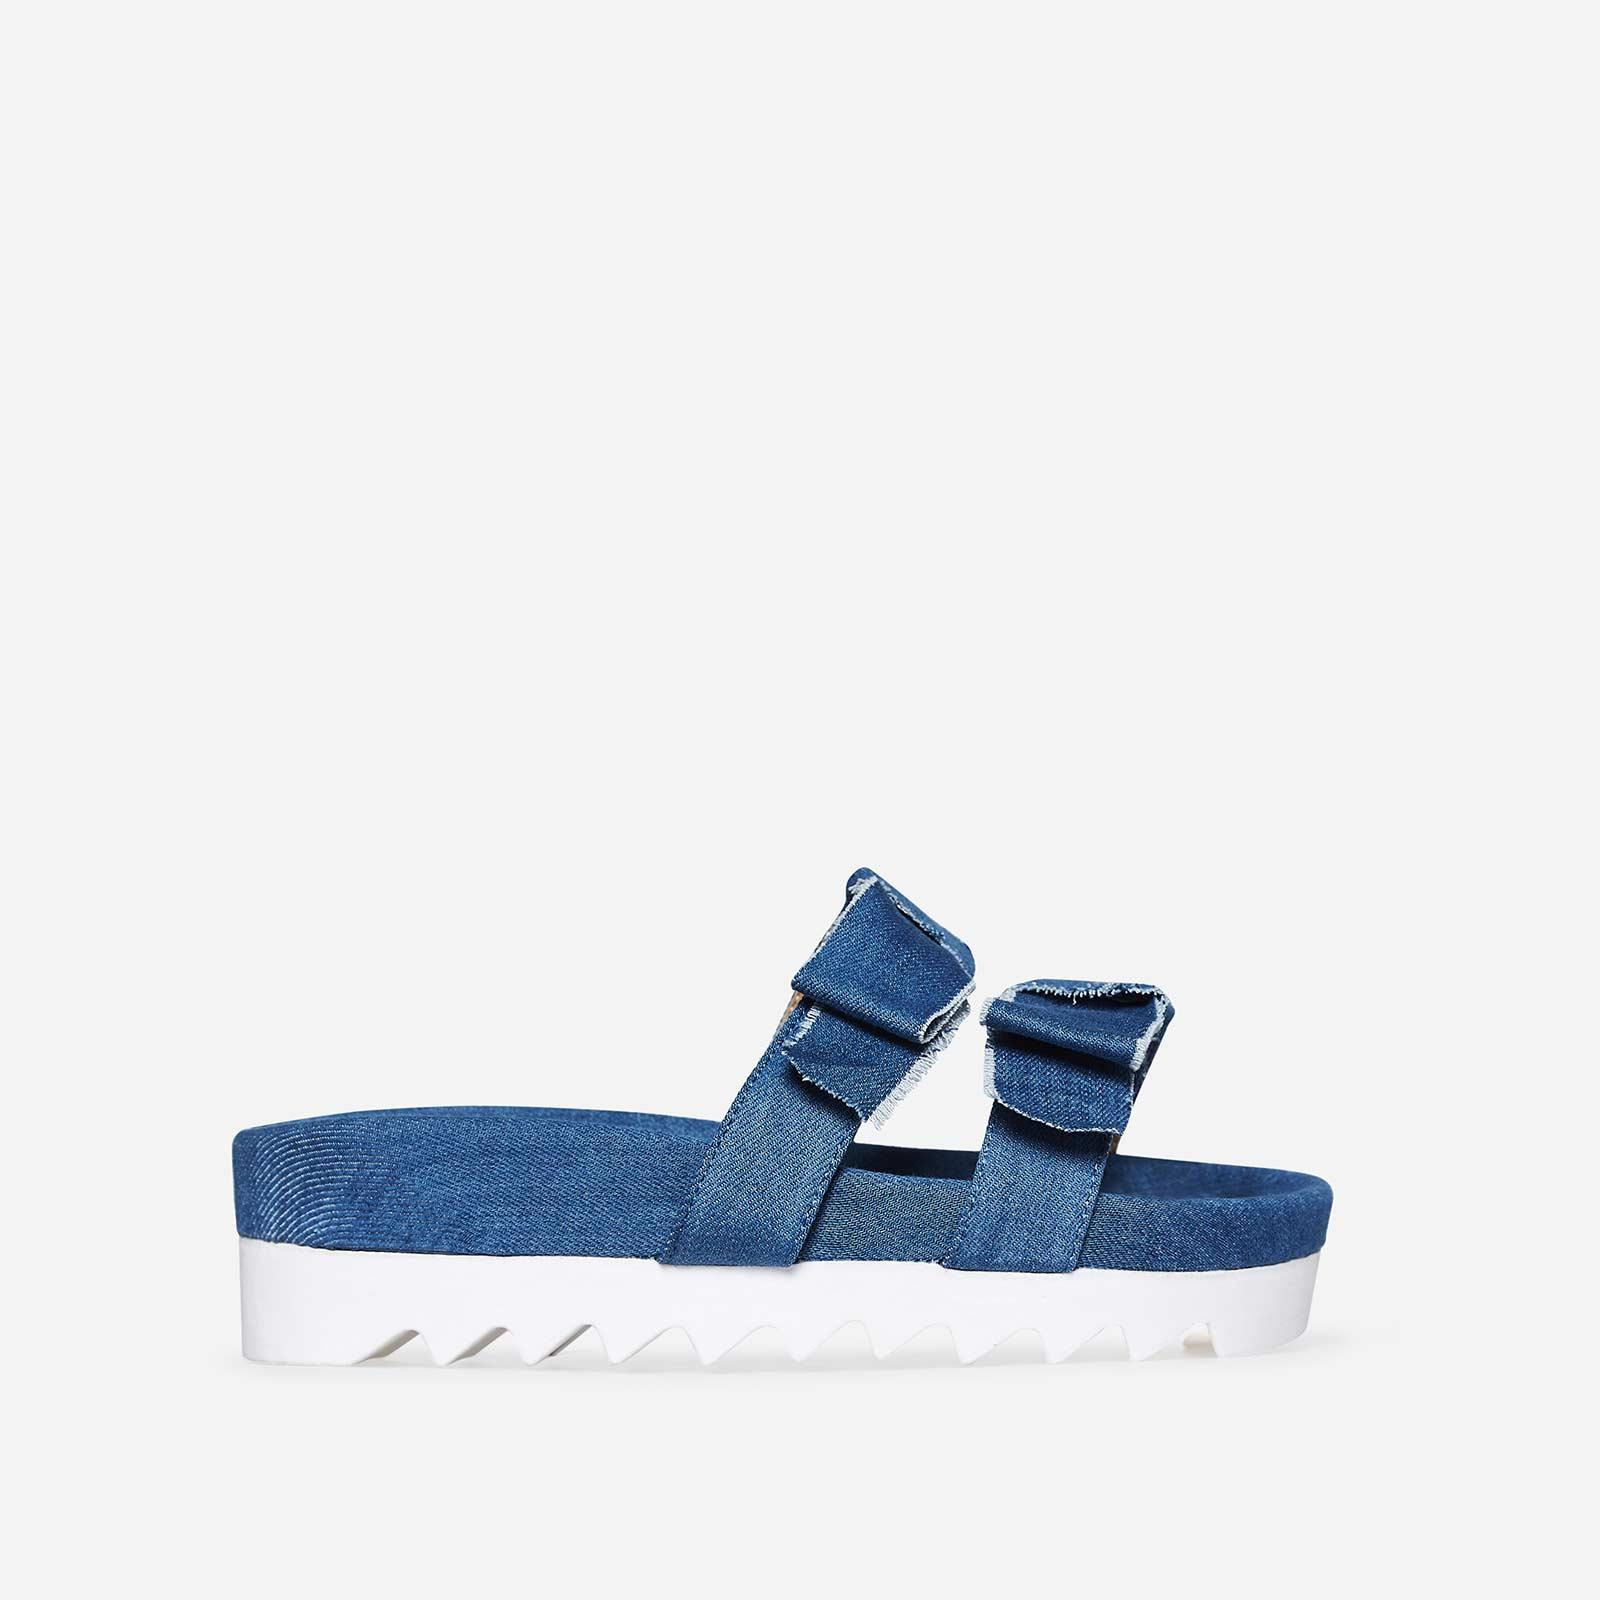 Elie Bow Slider In Light Blue Denim